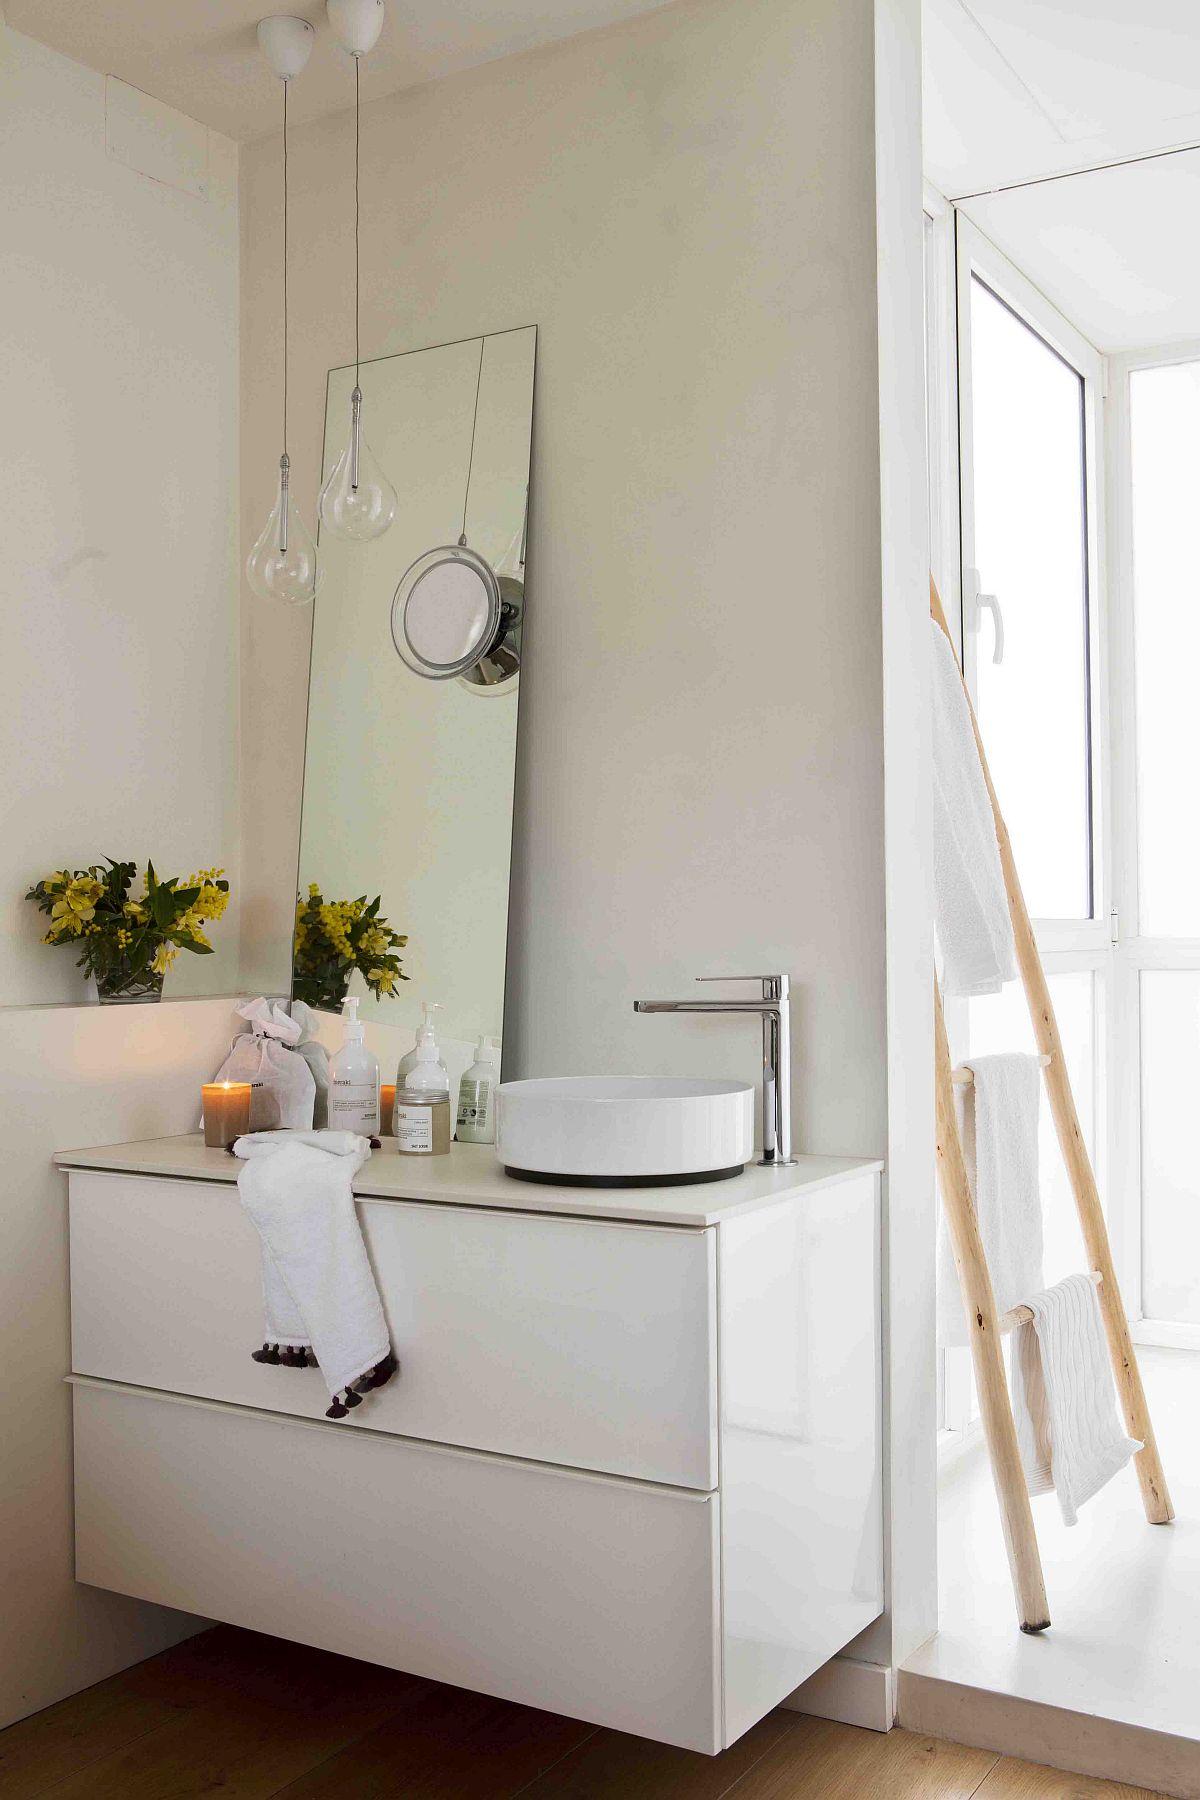 Pentru că este la vedere în dormitor, lavoarul a fost ales de dimensiuni mici, iar ansamblul cât mai discret amenajat, cu o oglindă pusă în lateral pentru a păcali vizual.